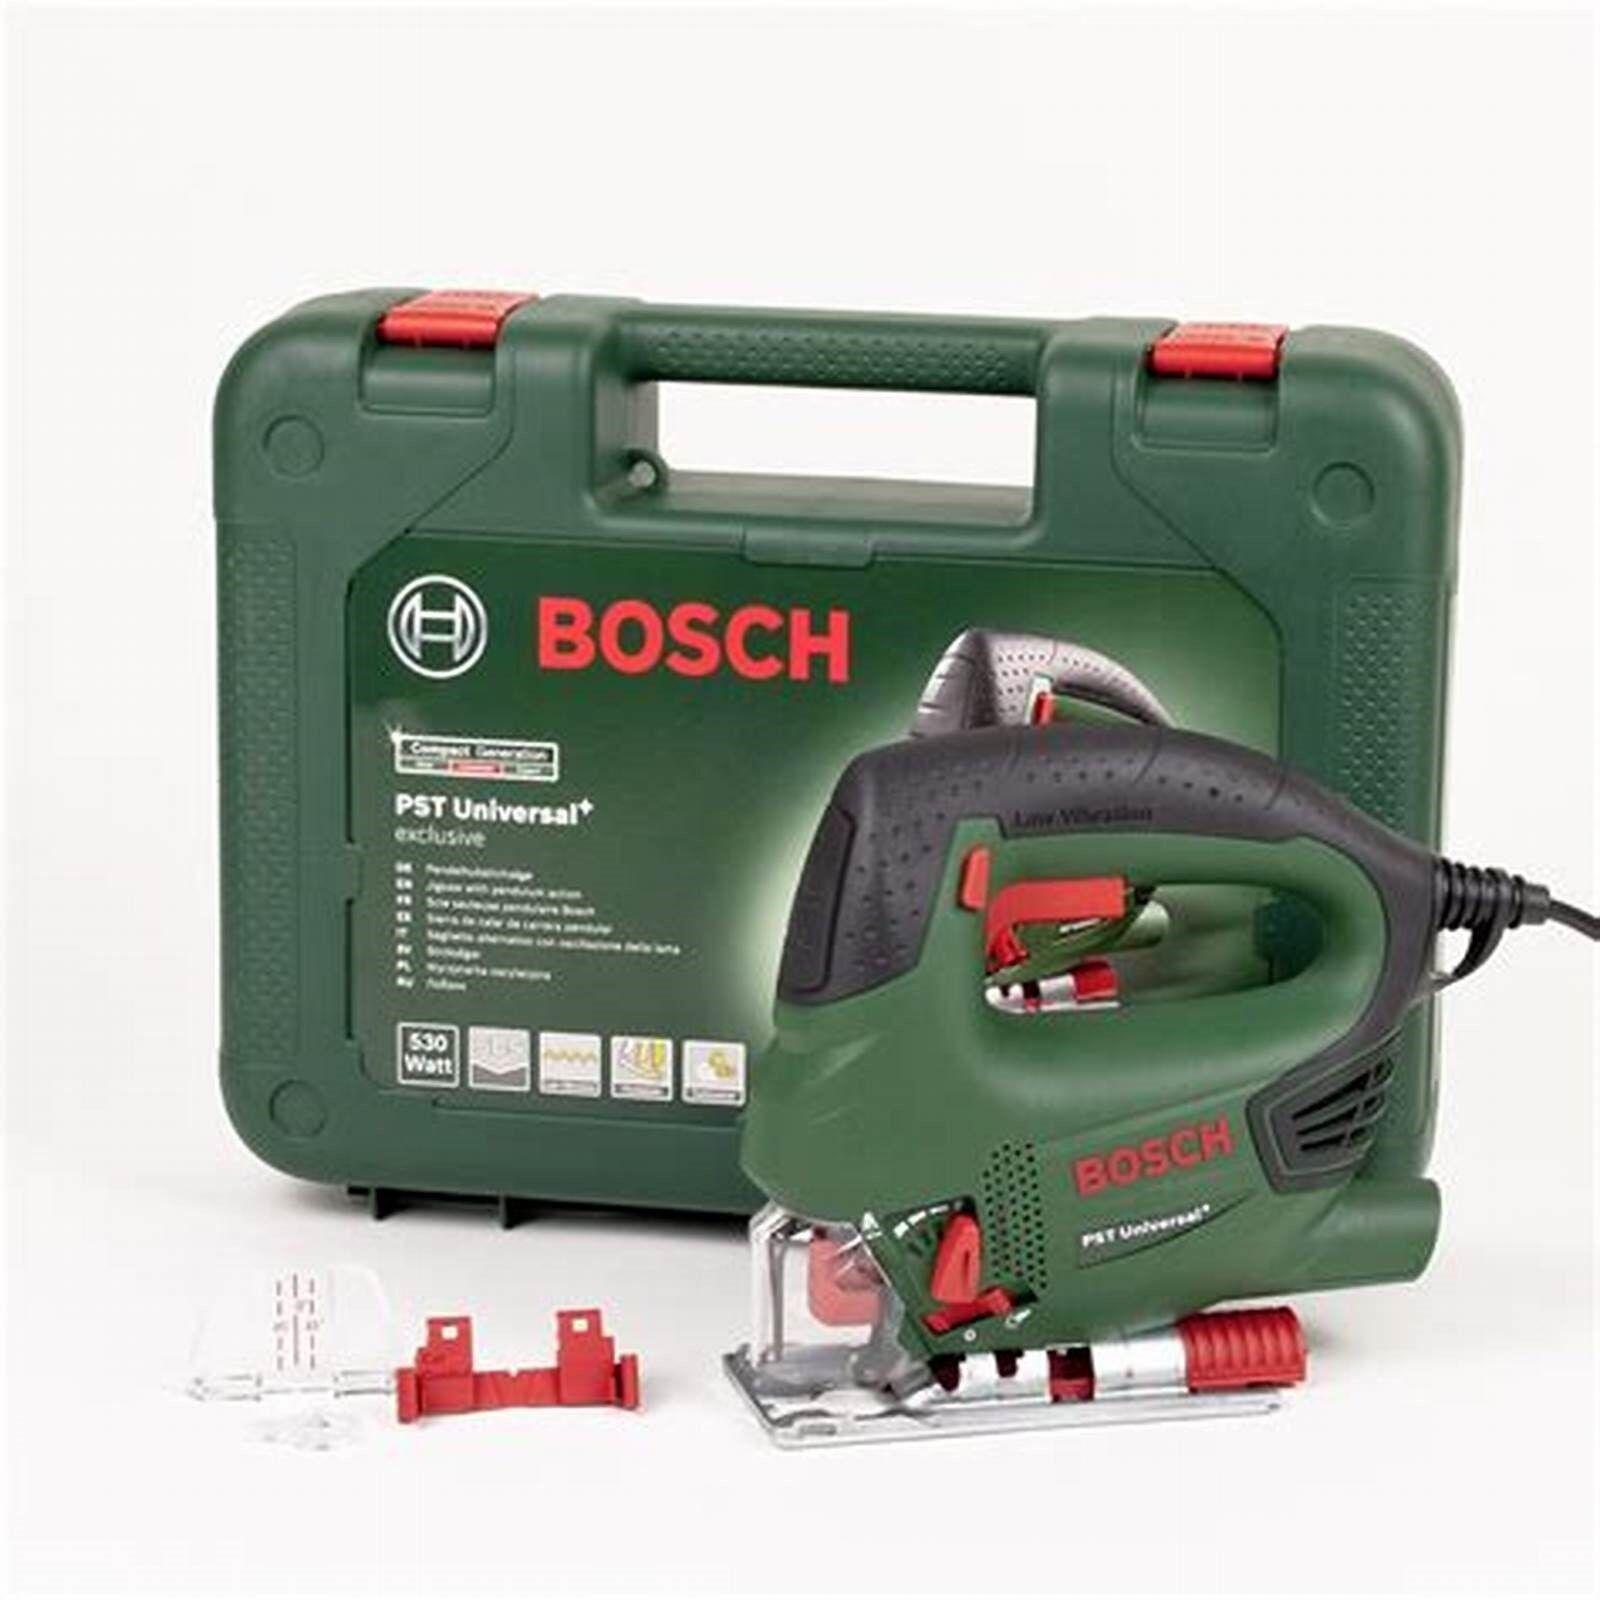 Bosch Stichsäge PST Universal plus